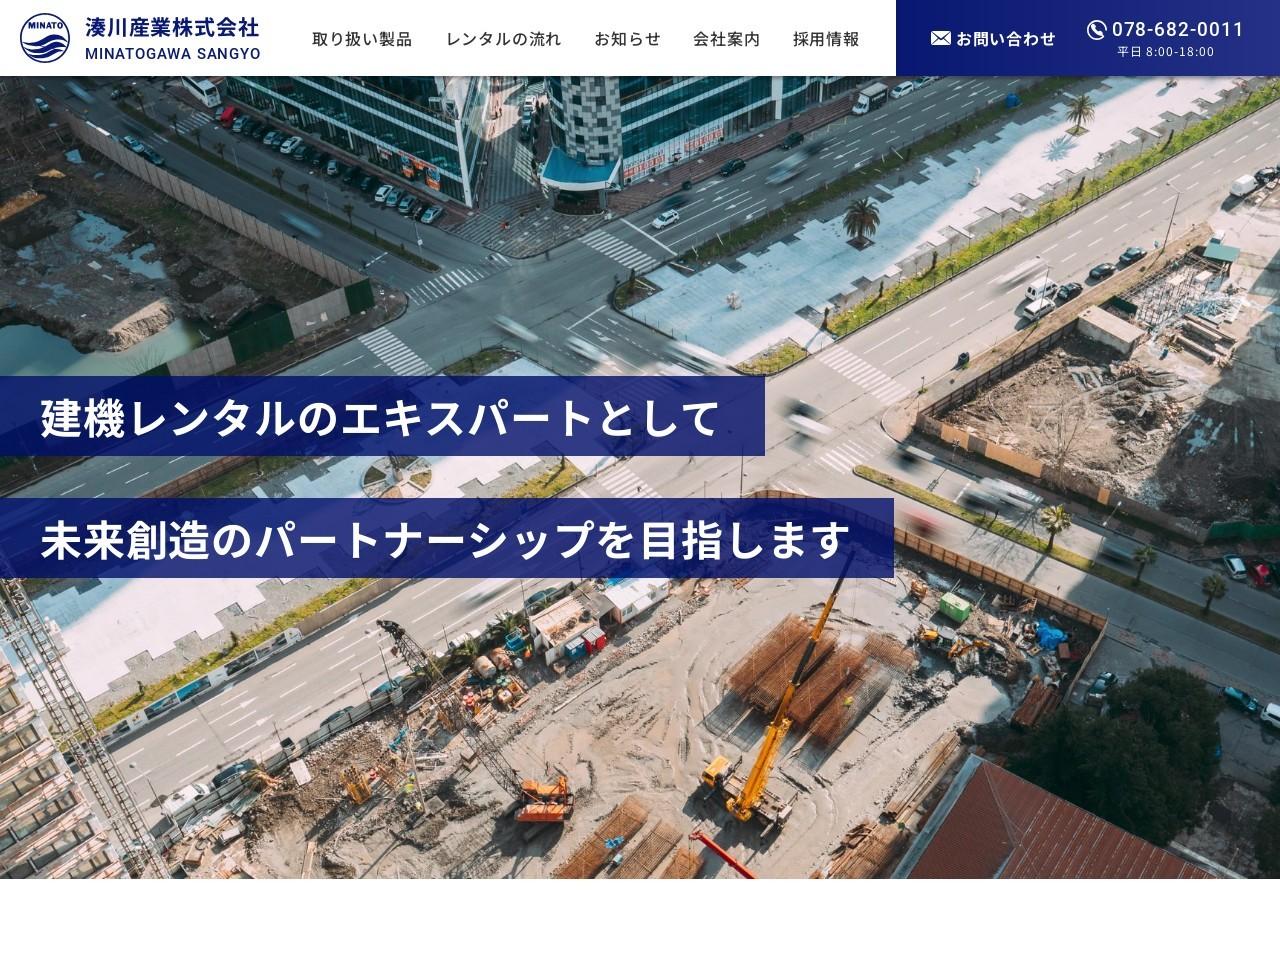 湊川産業株式会社垂水営業所